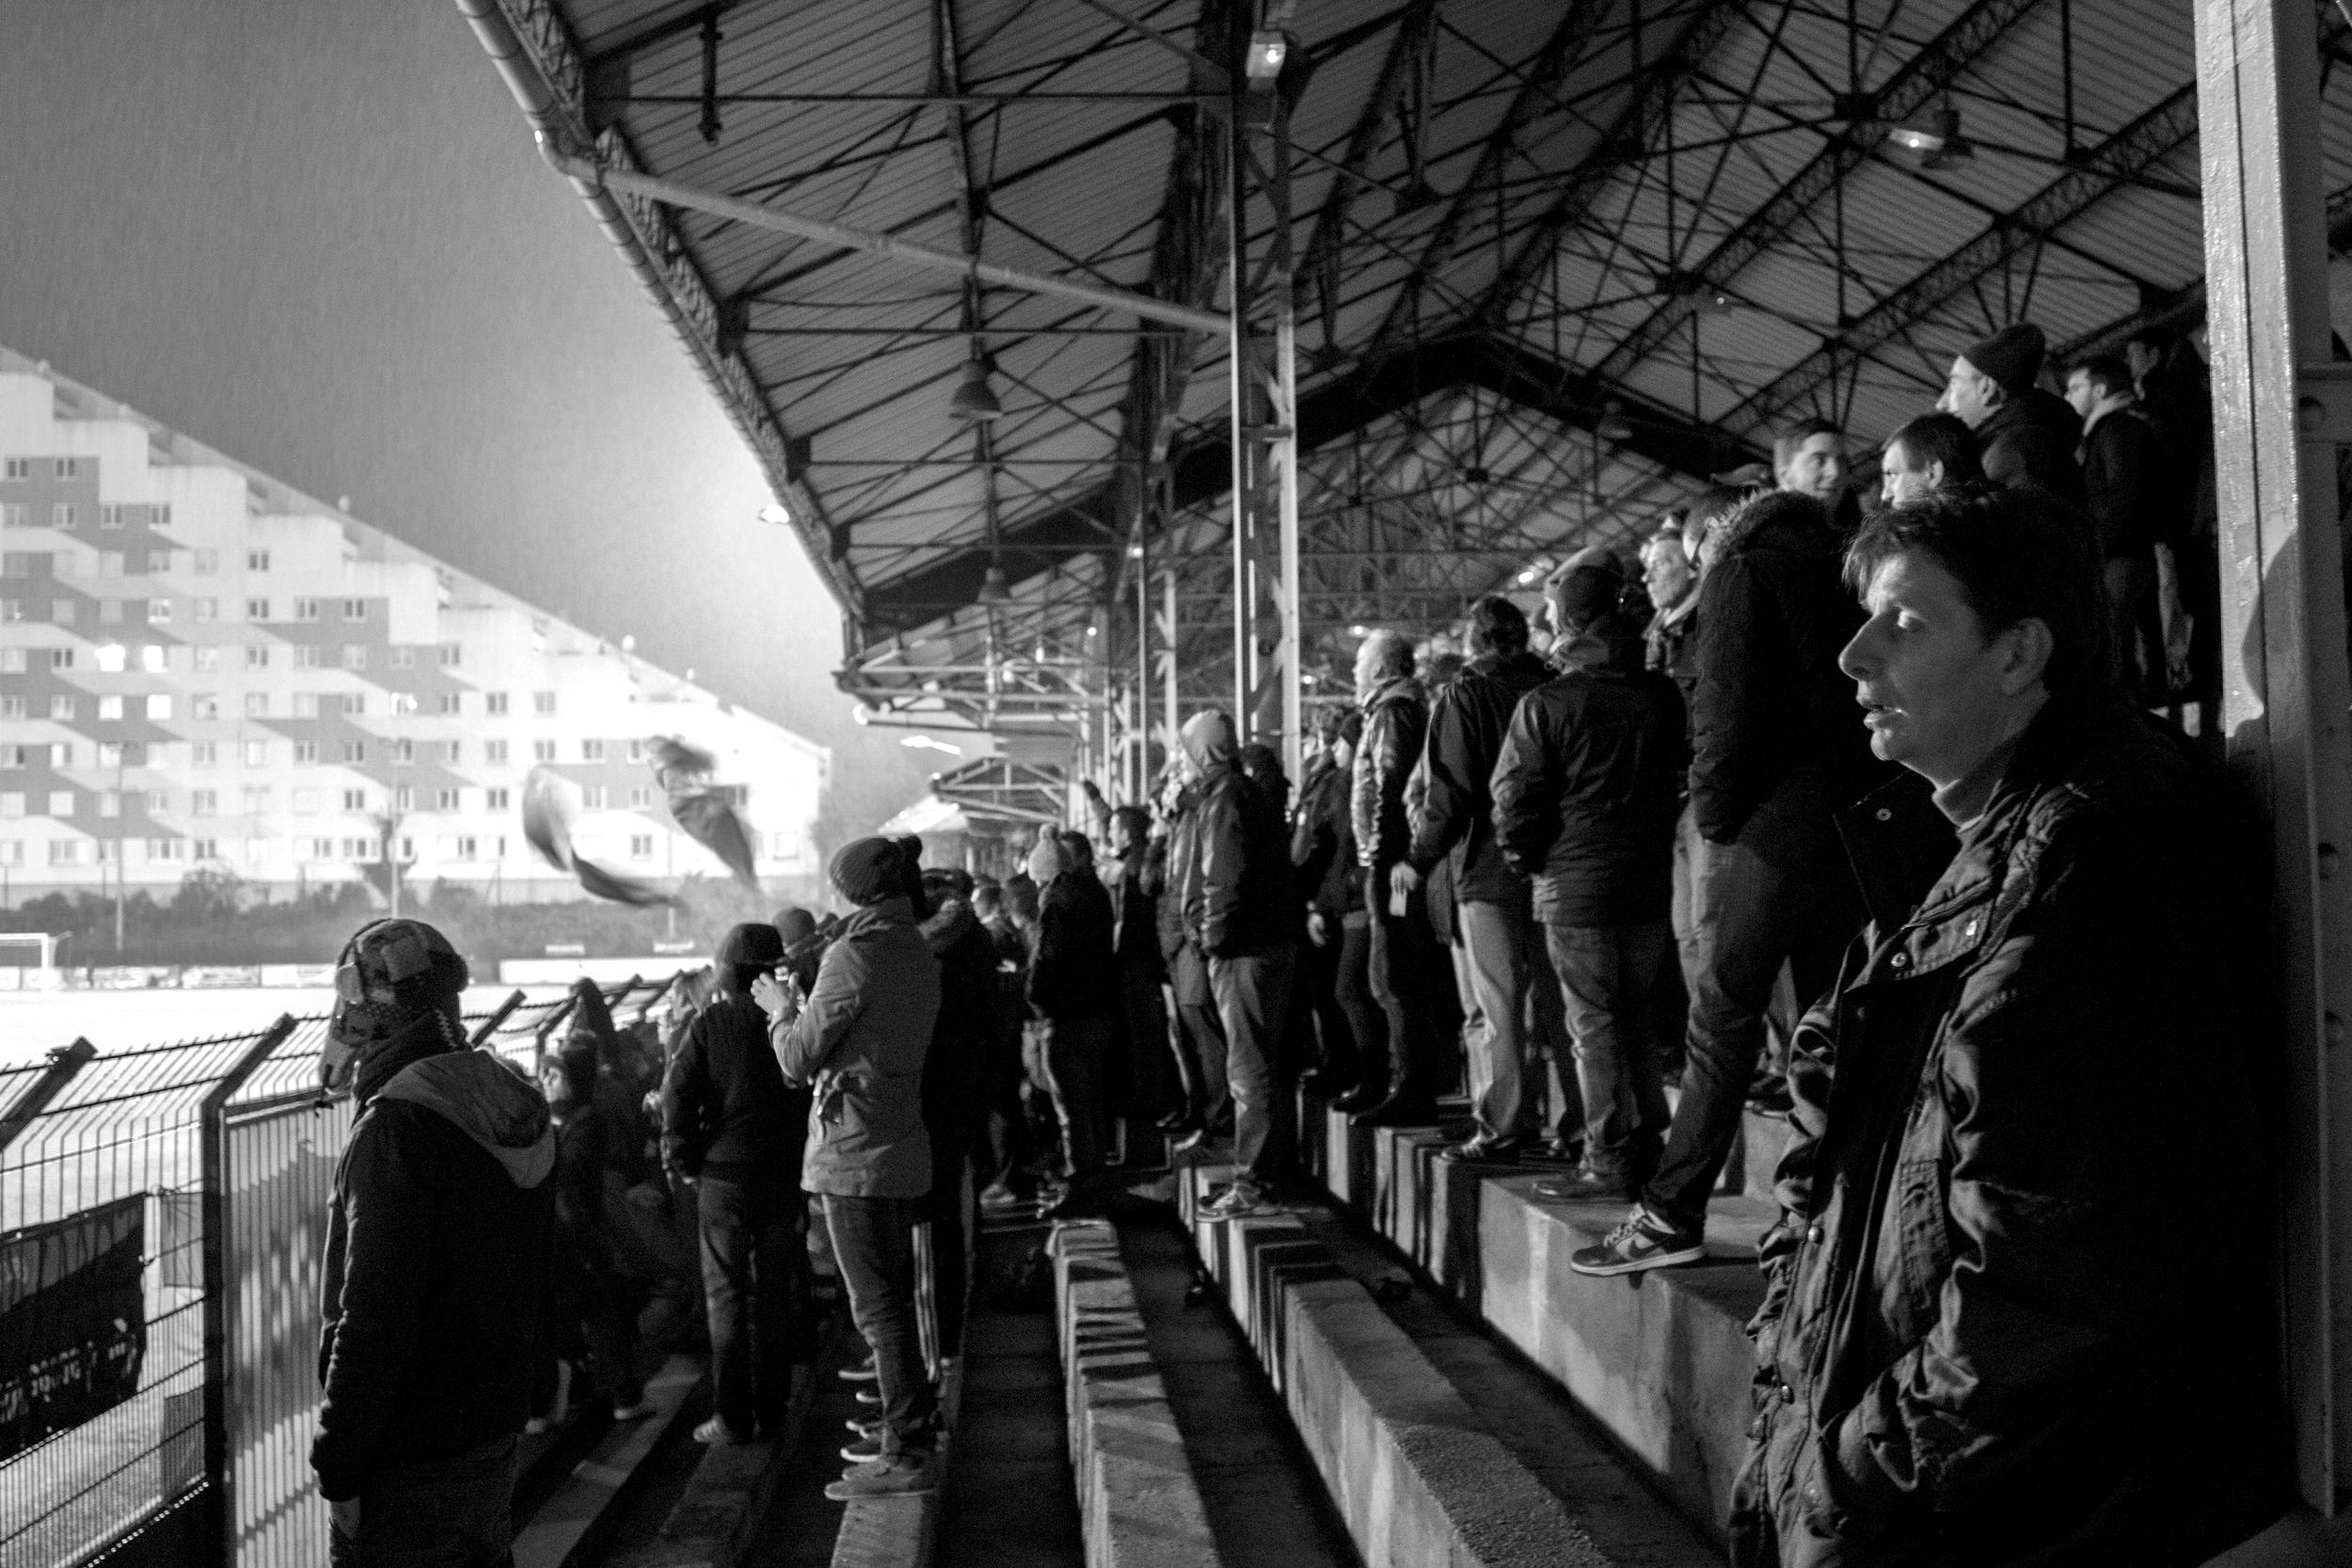 Red Star er det eneste alternativ til pengeklubben PSG, der ikke falder i alle pariseres smag.   Foto: Hugo Cadena